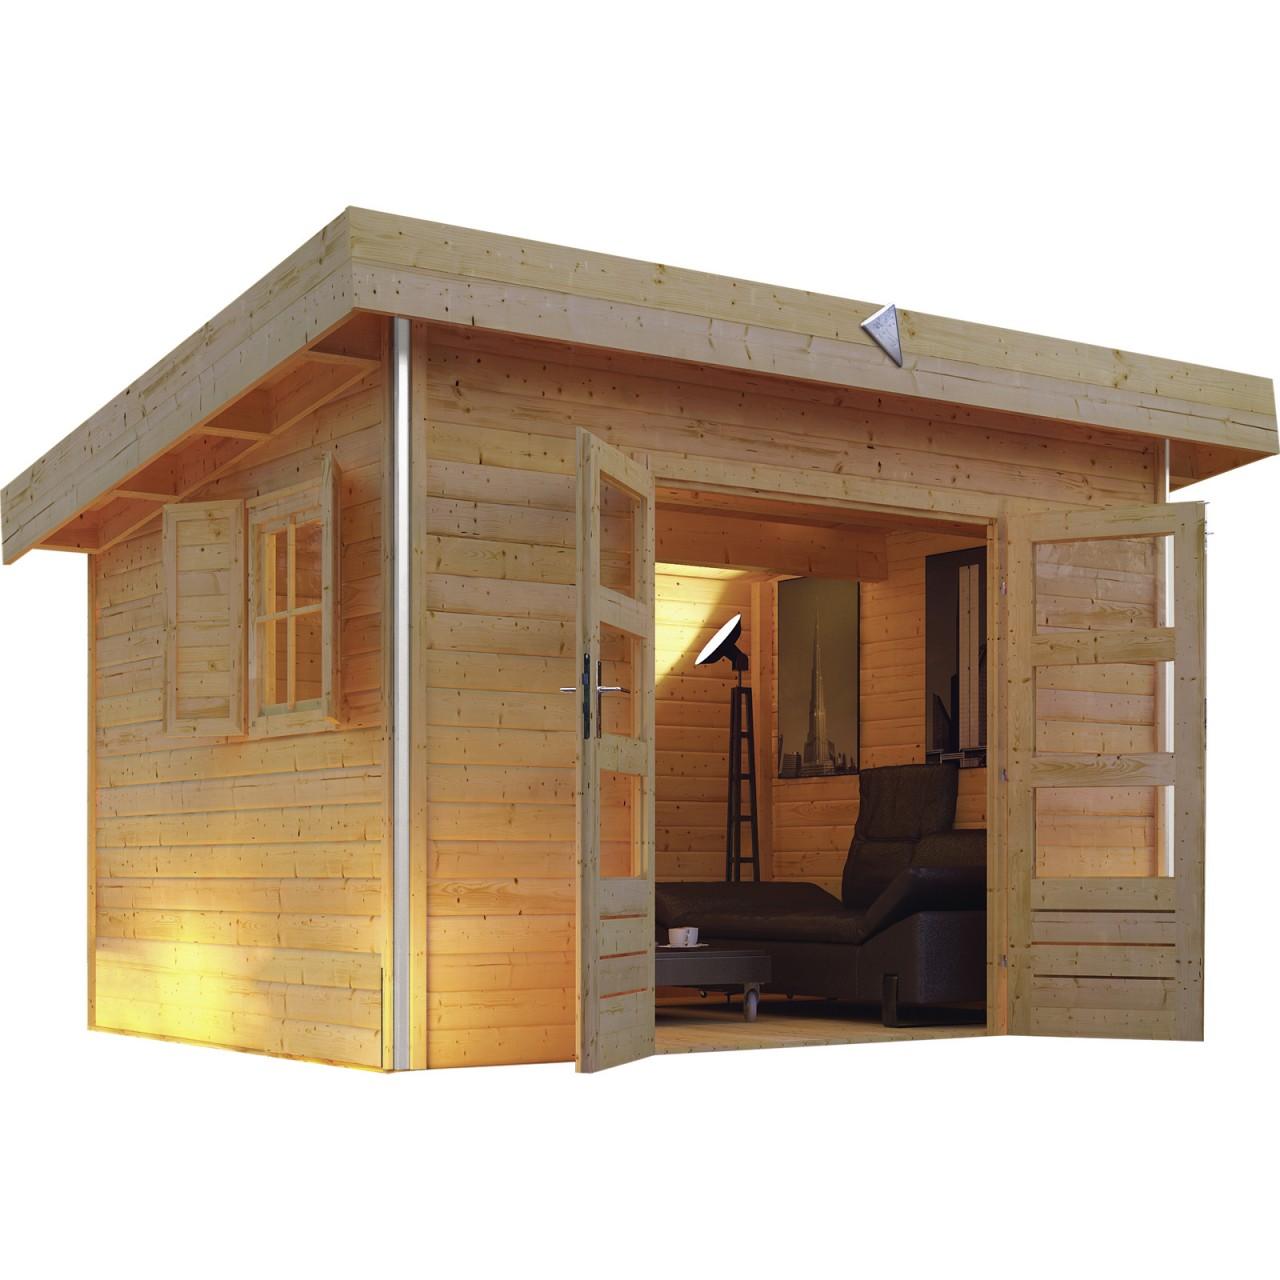 gartenhaus 120 x preisvergleich die besten angebote. Black Bedroom Furniture Sets. Home Design Ideas